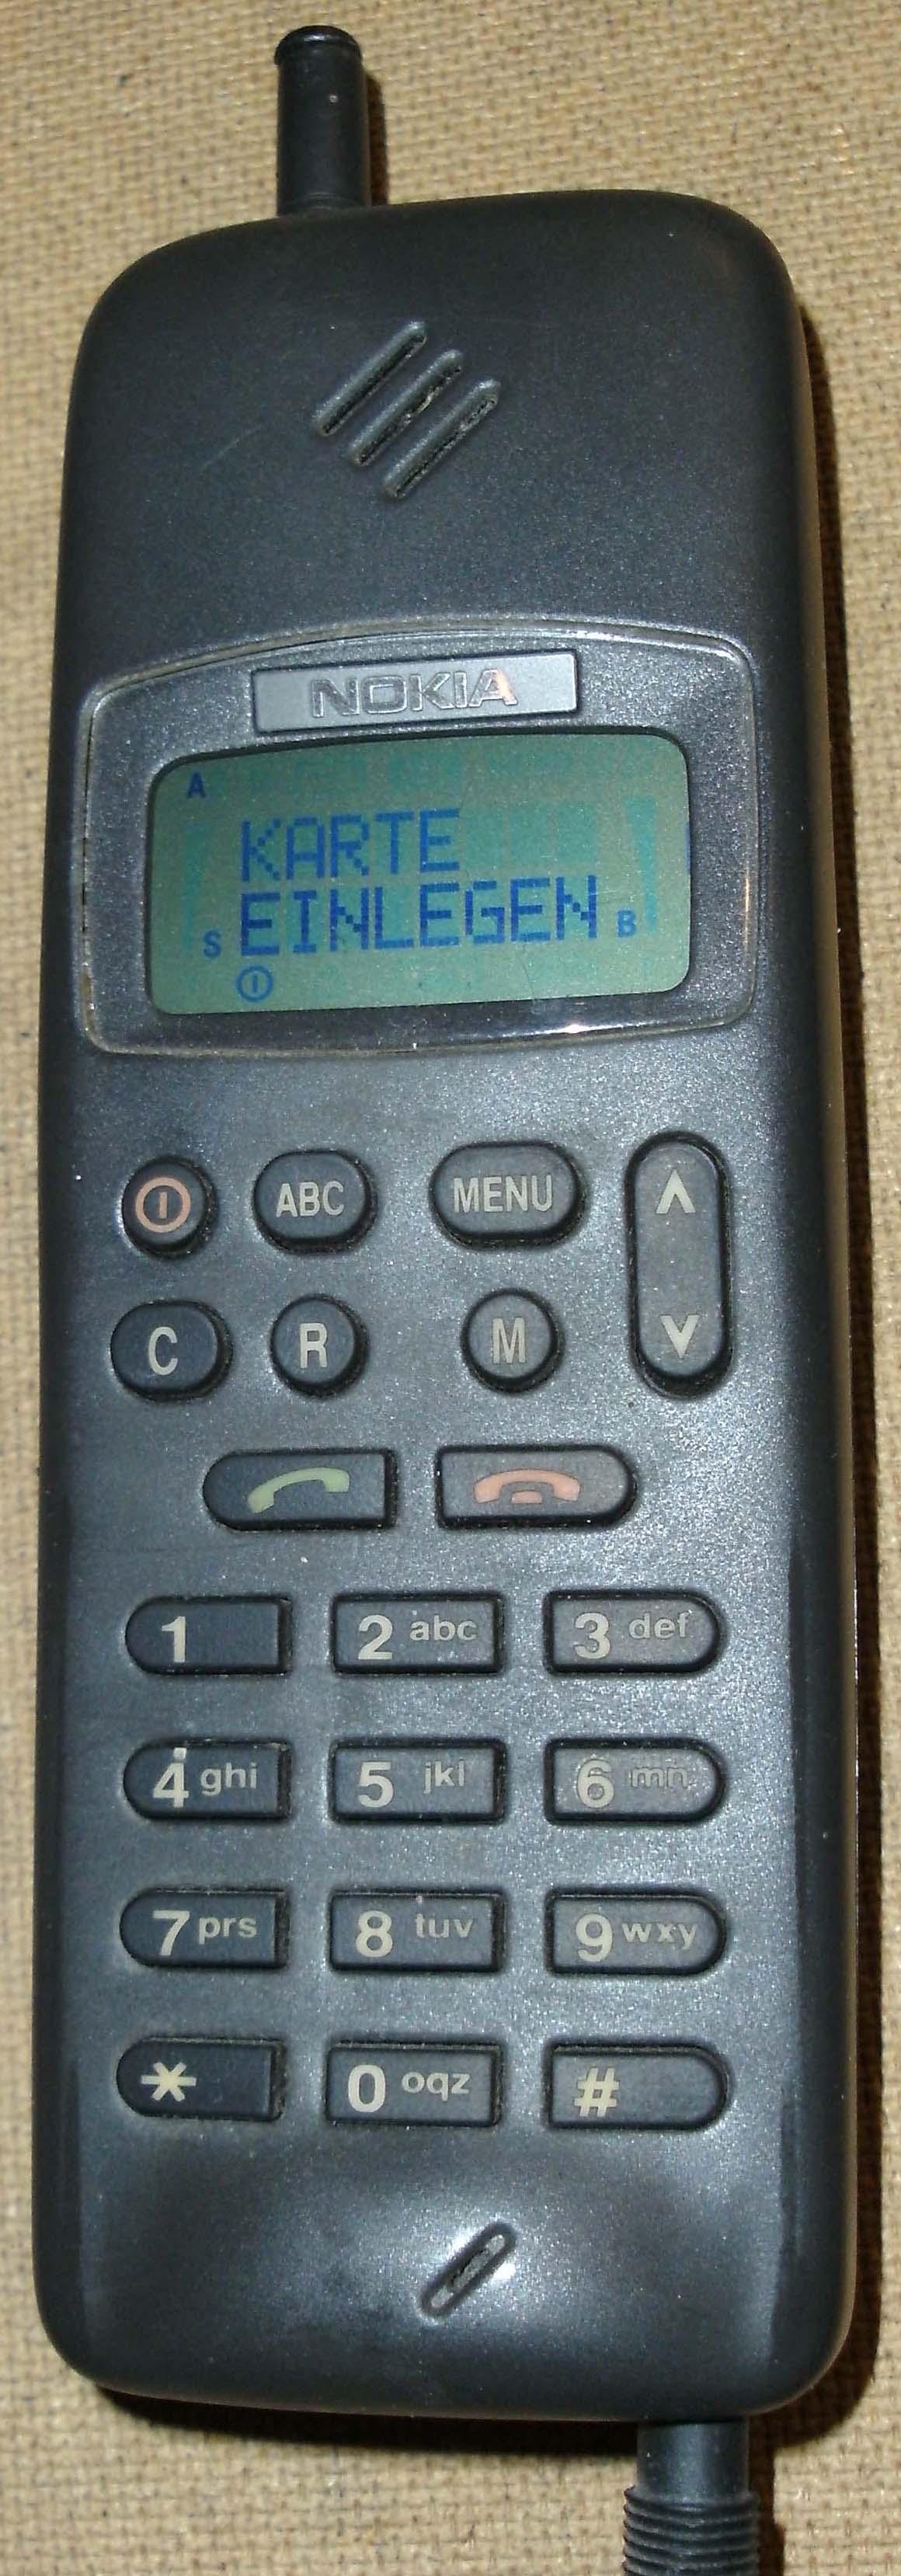 Imagens de telemóveis antigos - Nokia 1011